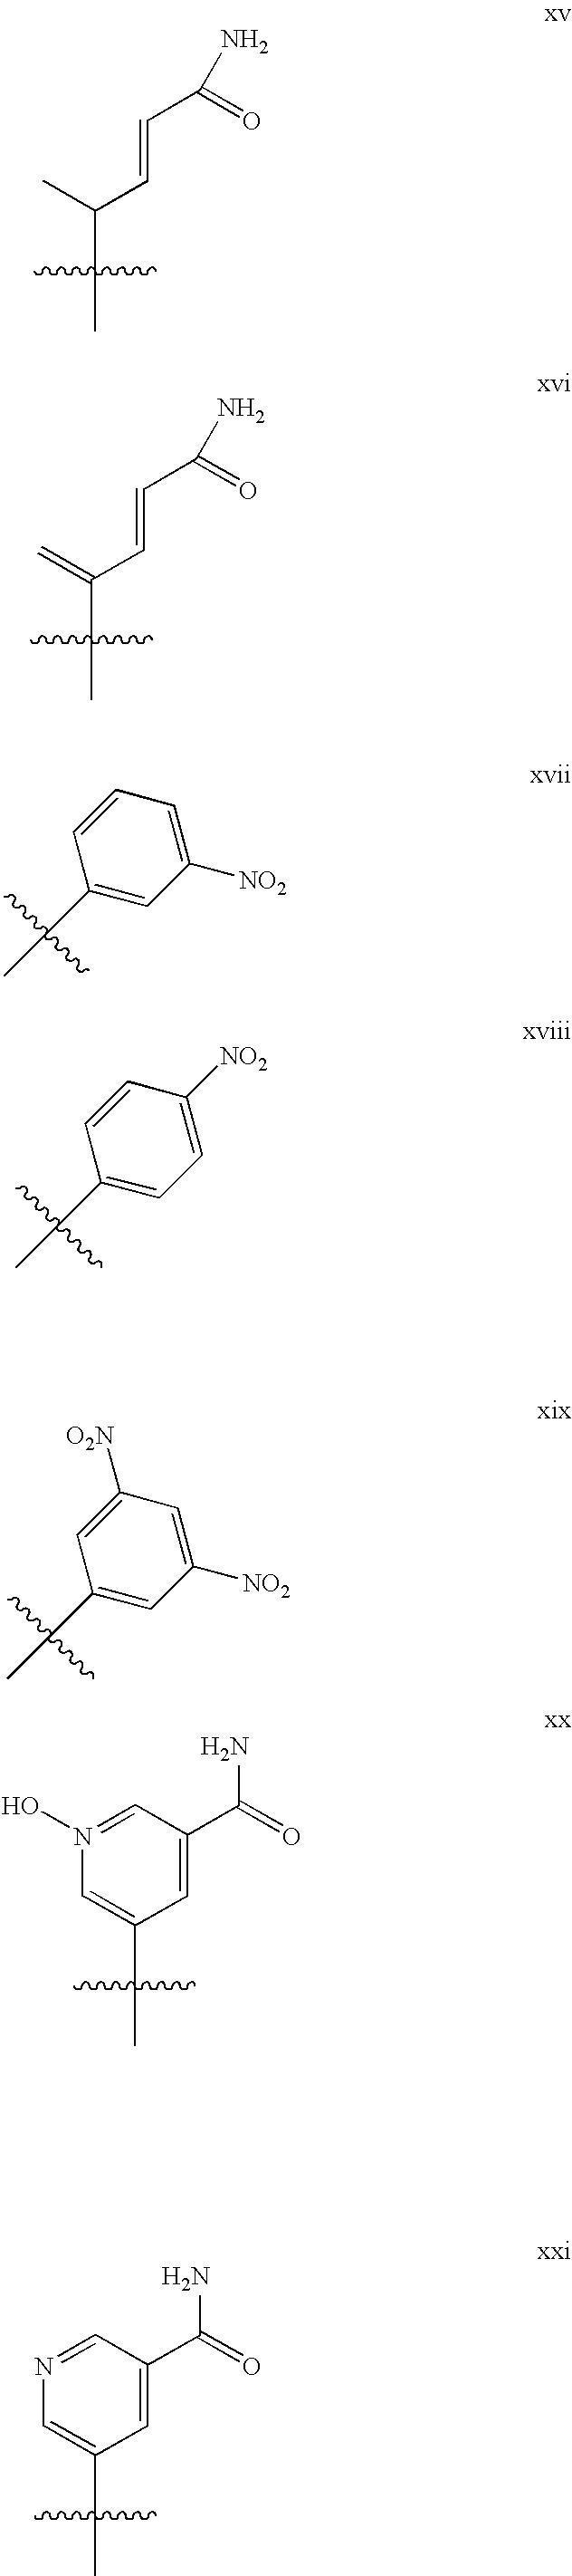 Figure US08242171-20120814-C00031